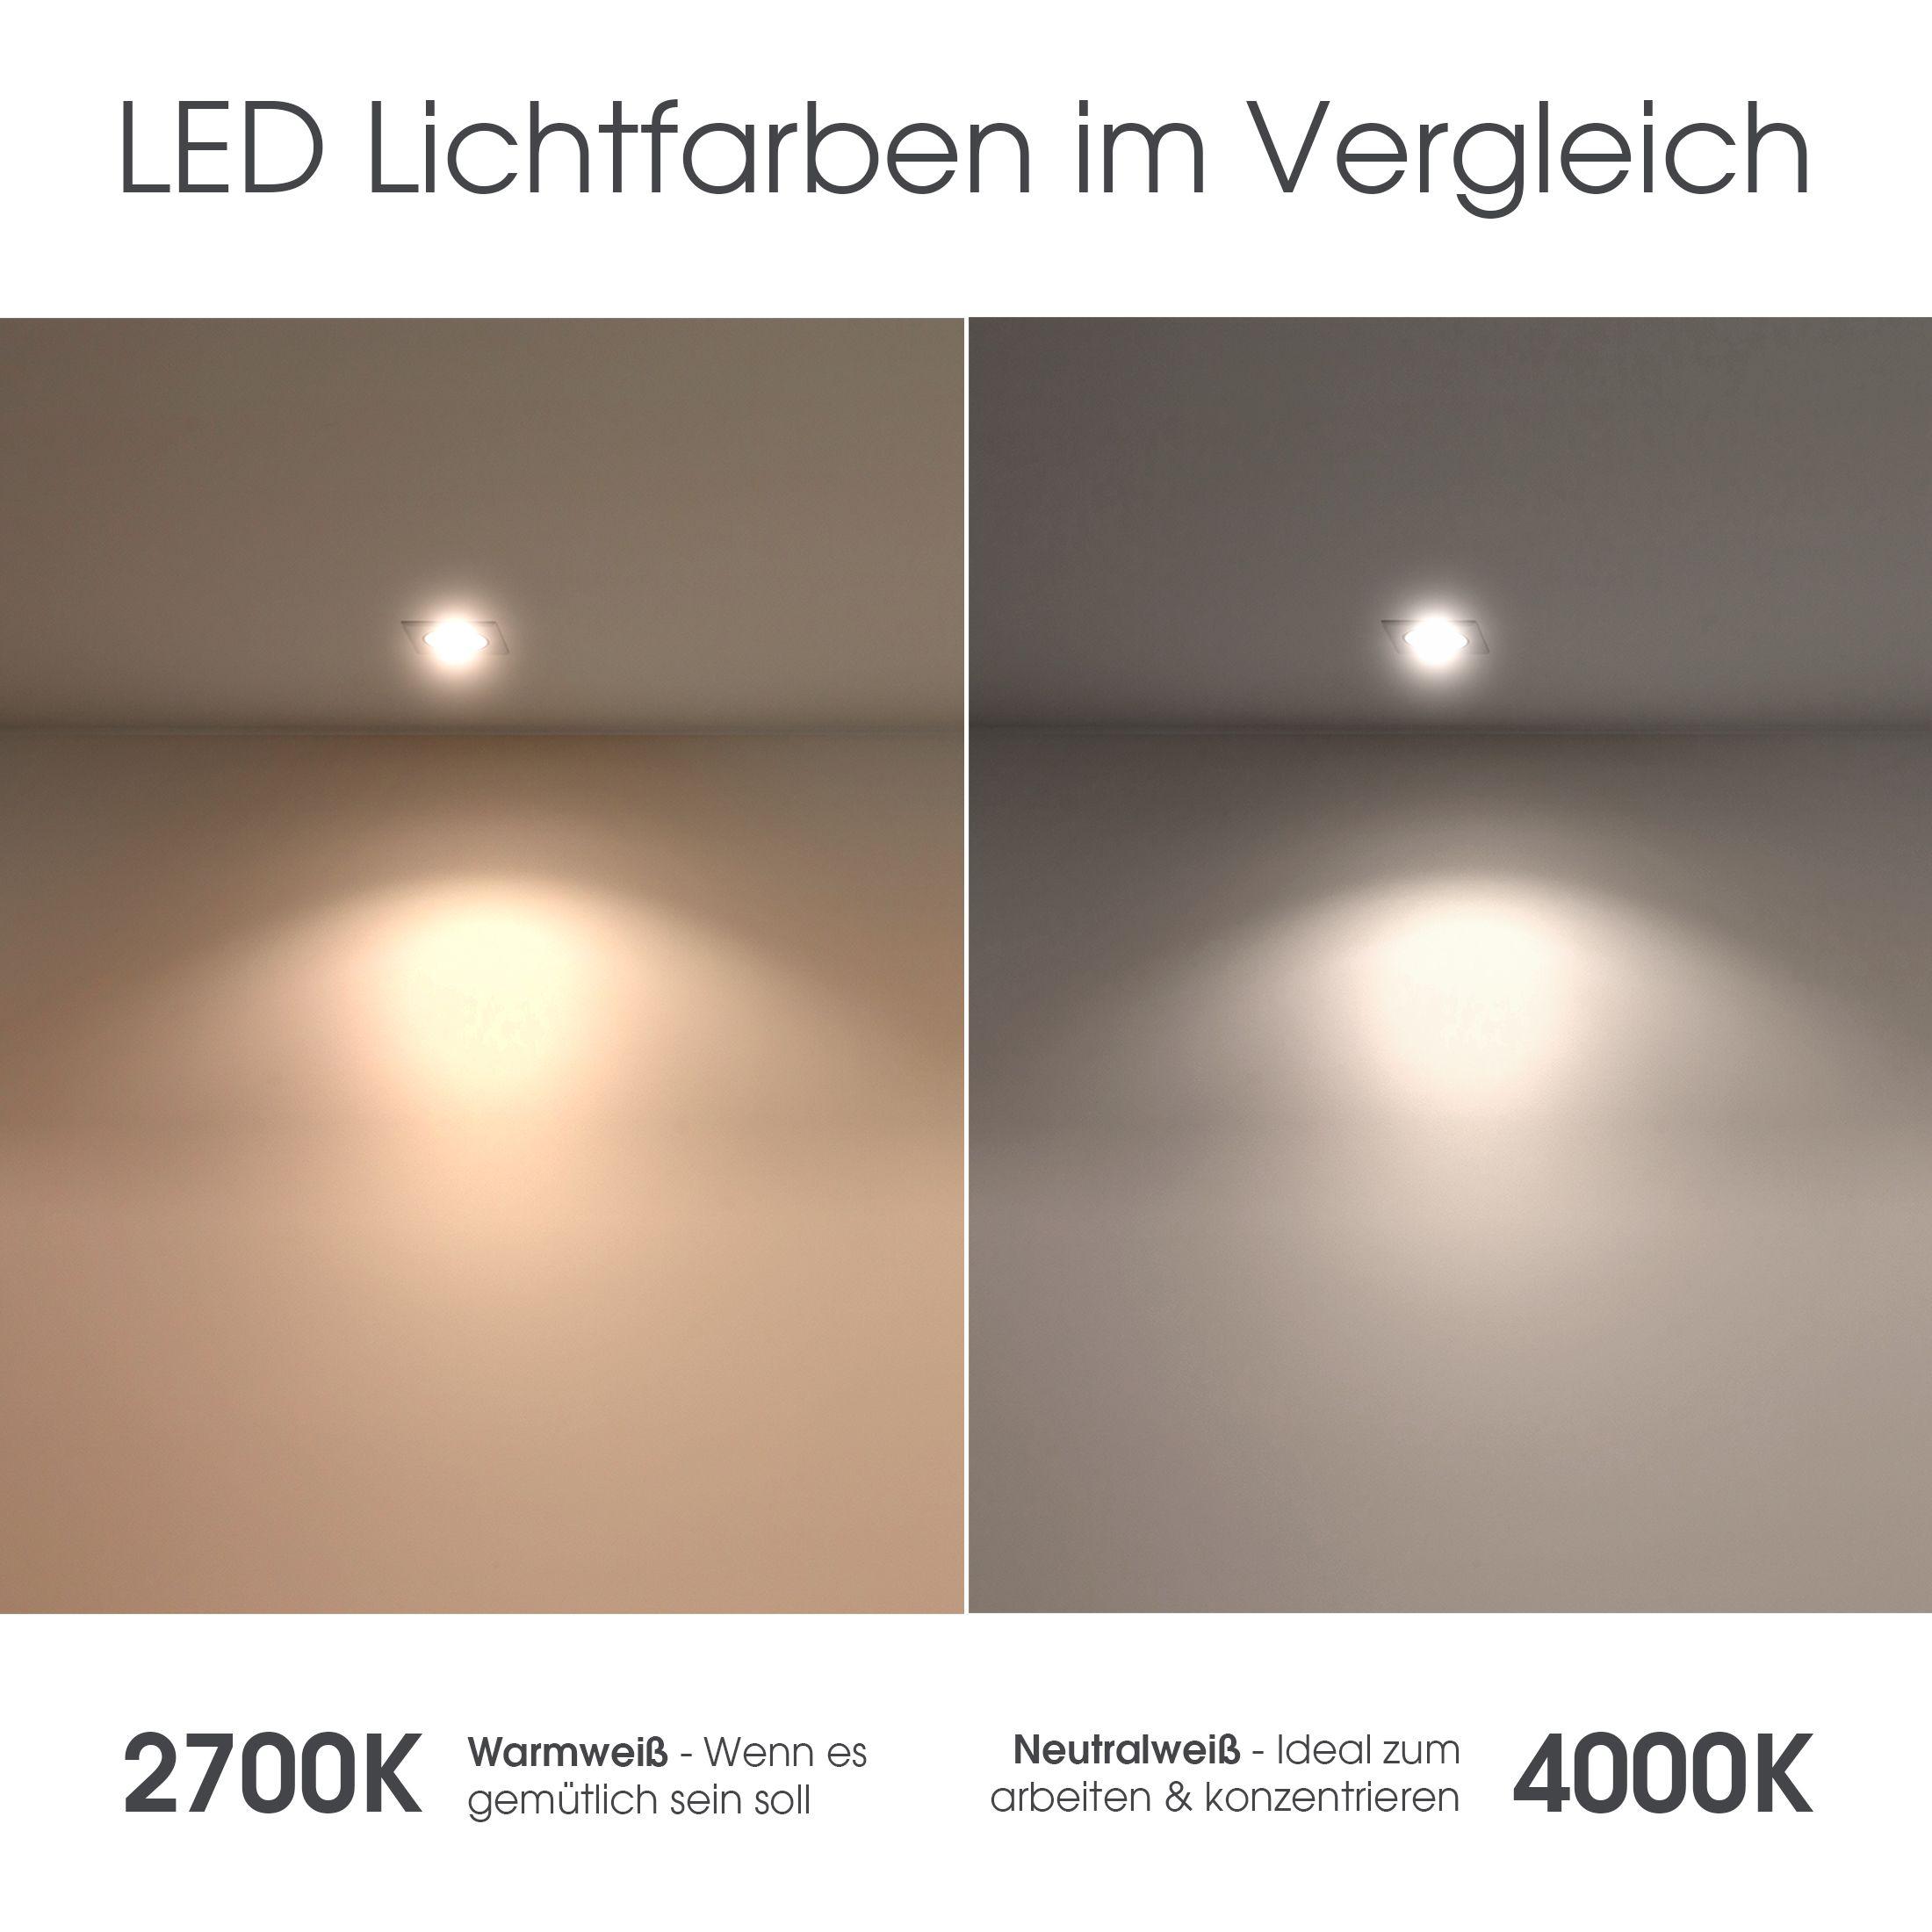 Flacher Decken Aufbau Spot Alu Geburstet Schwenkbar Inkl Led Modul 5w Warm Weiss 230v In 2019 Lampen Und Leuchten Led Leuchtmittel Klemmleuchte Lampen